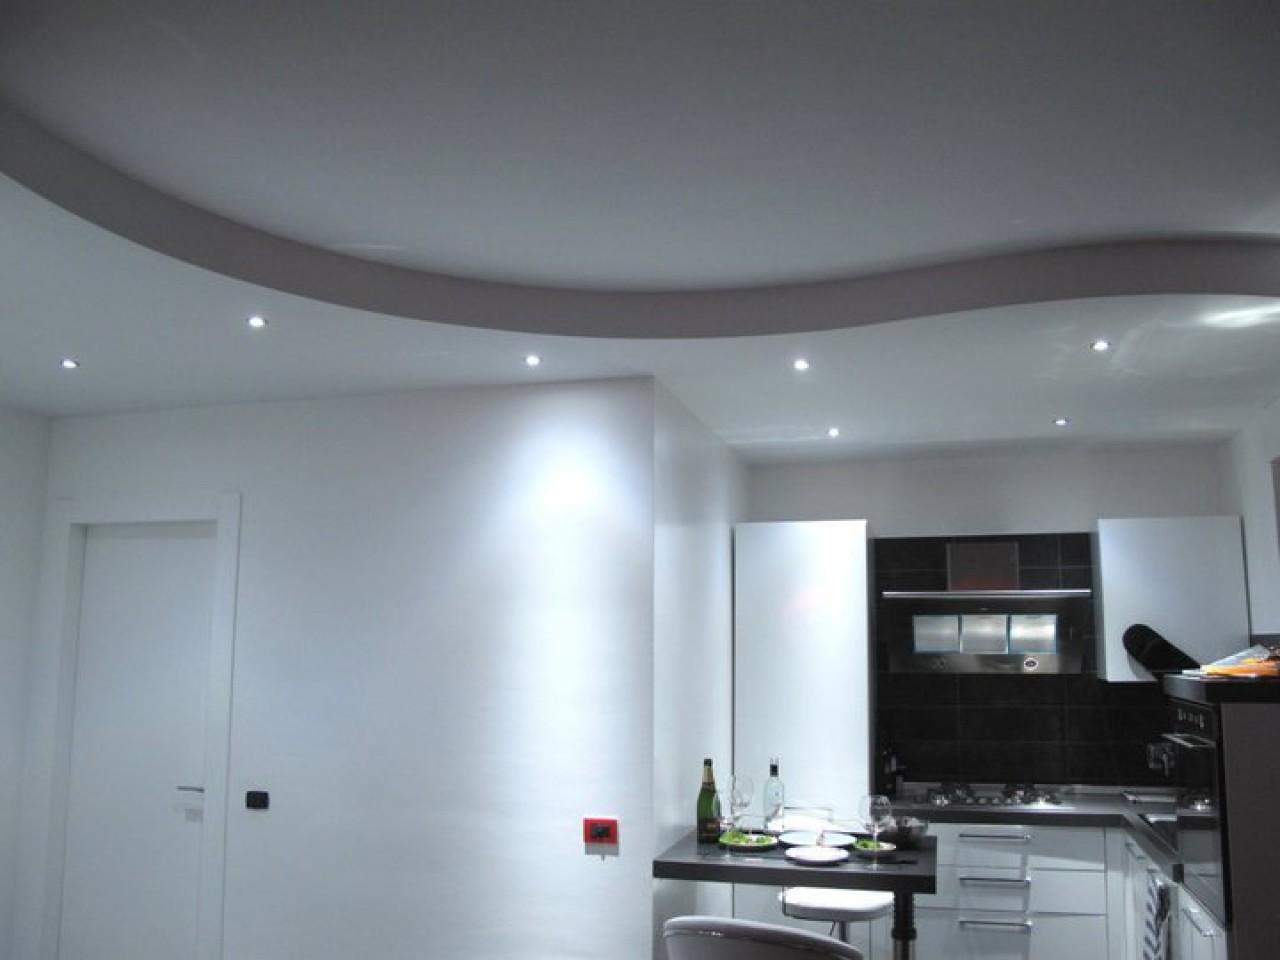 Illuminazione controsoffitto corridoio illuminare il corridoio di